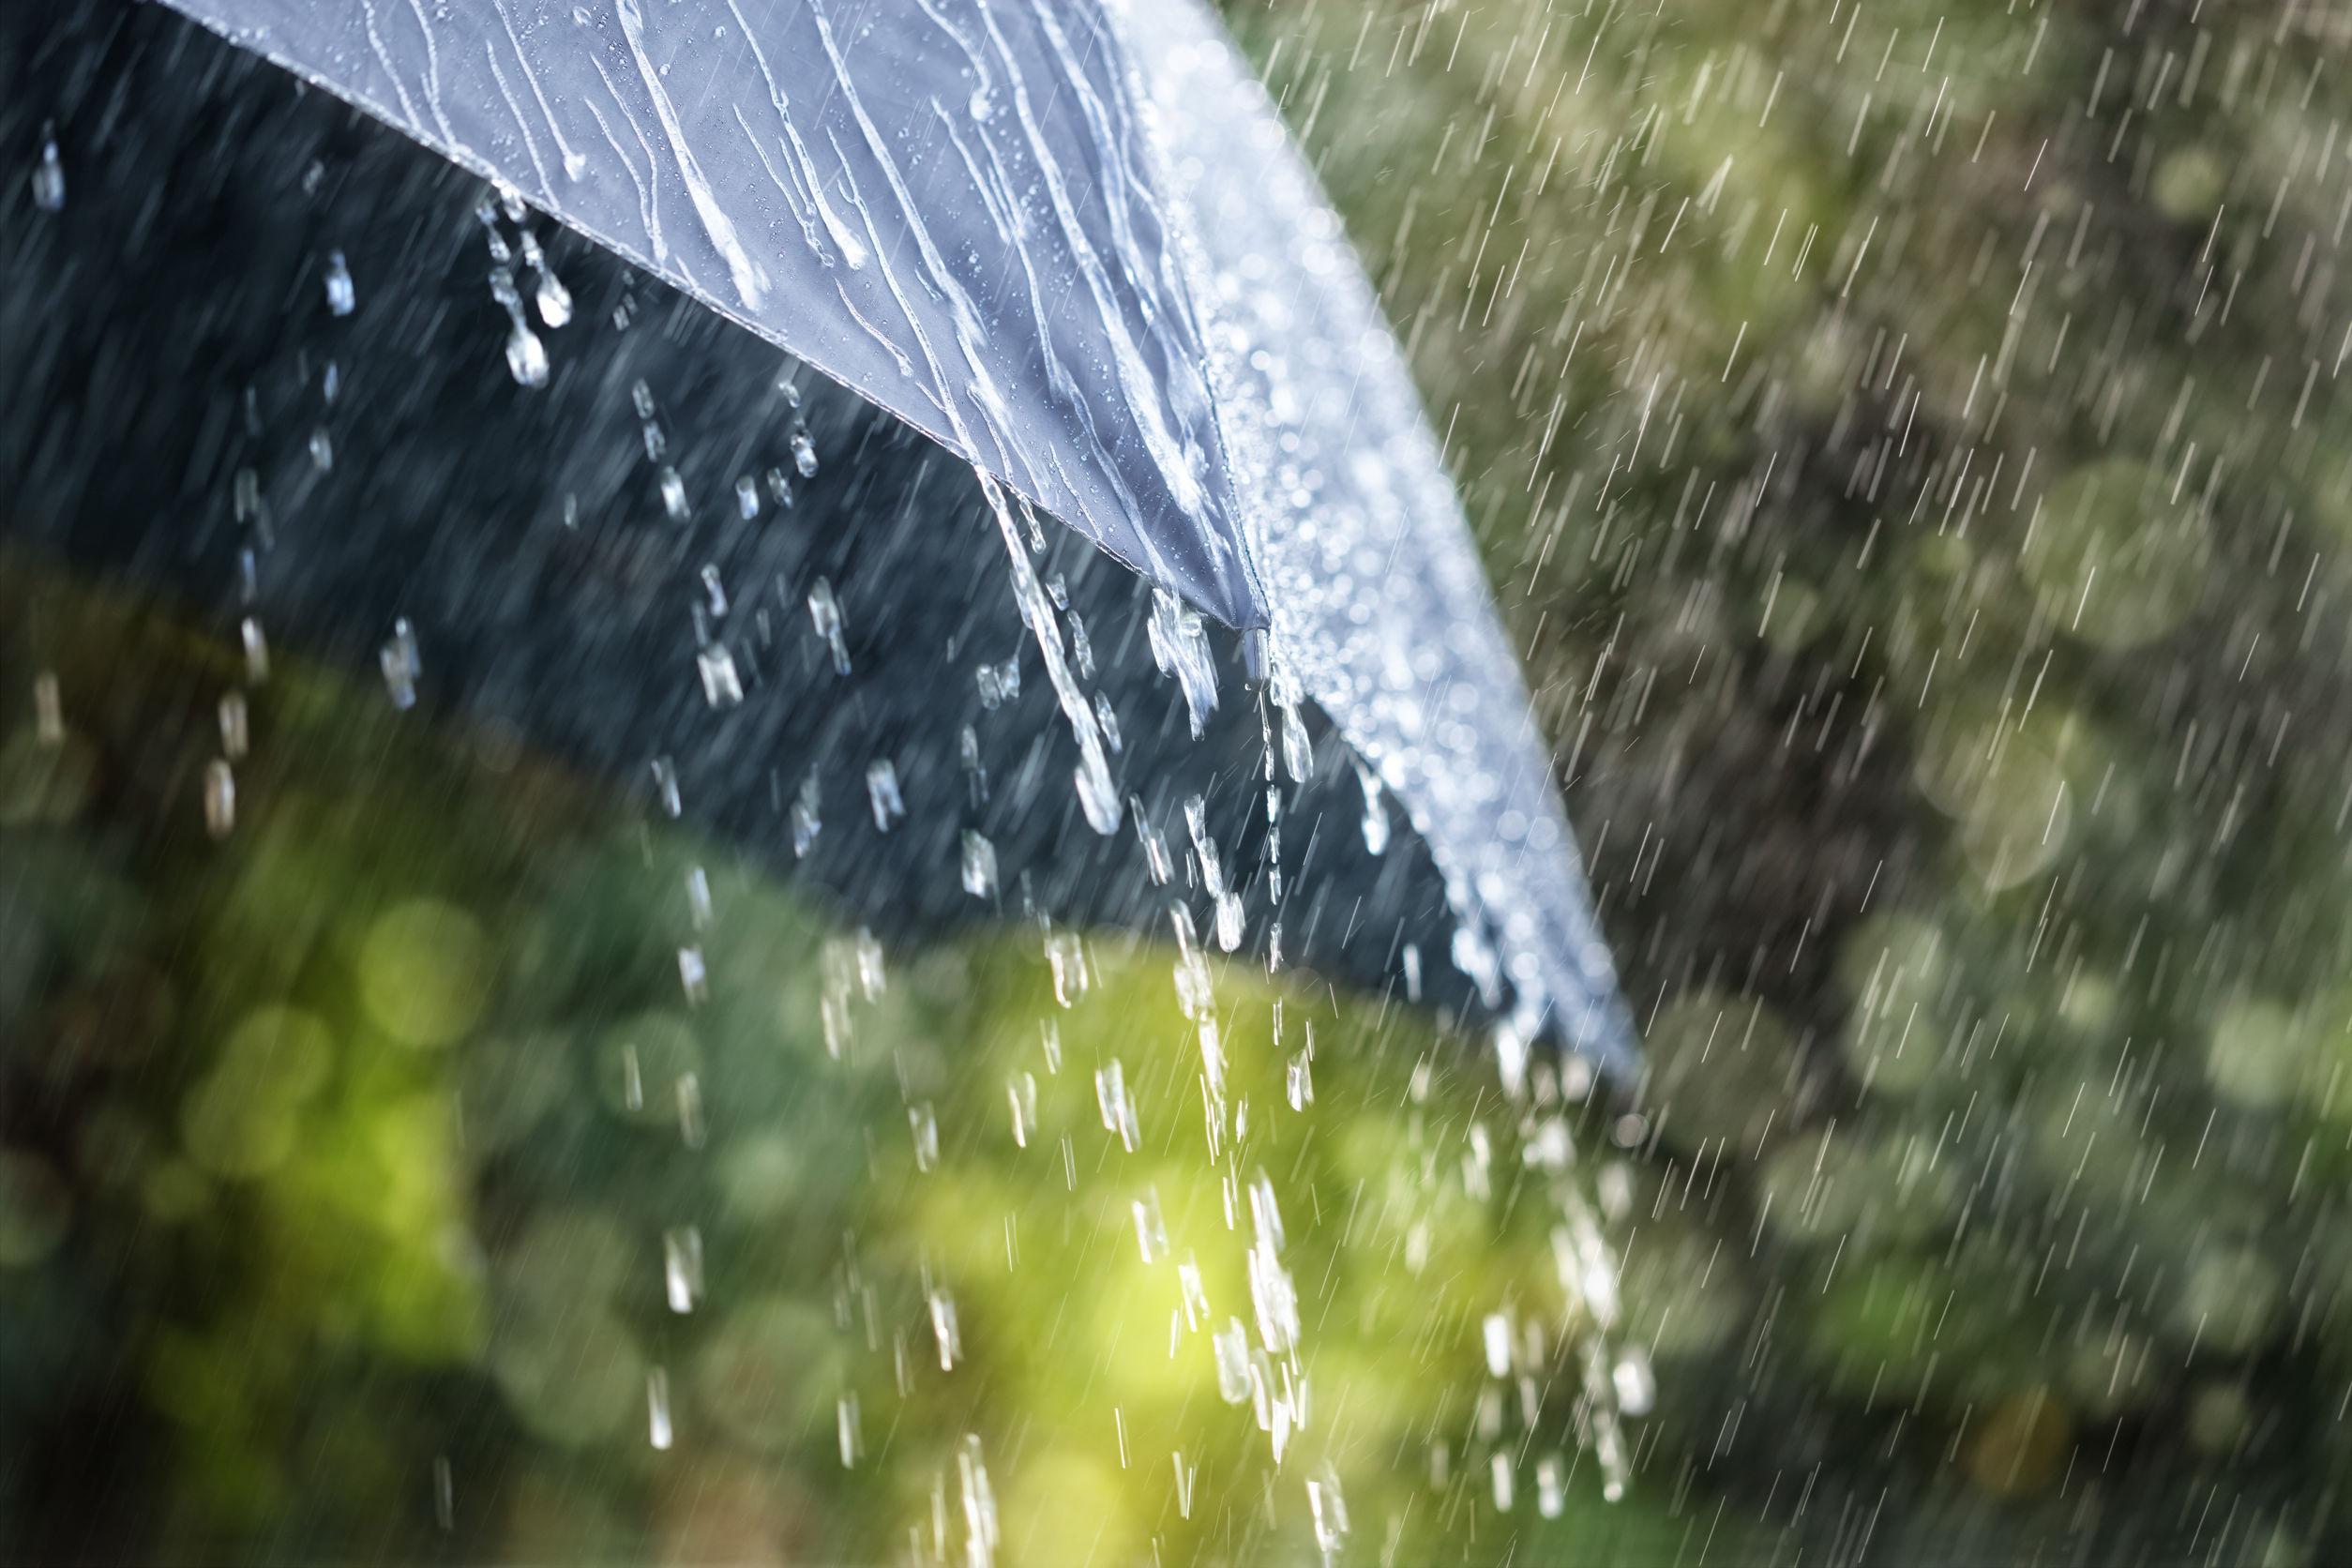 Meteo #azi 9 iulie: Vreme capricioasă cu furtuni puternice şi căderi de grindină. Temperaturile, în scădere/  Prognoza pe litoral